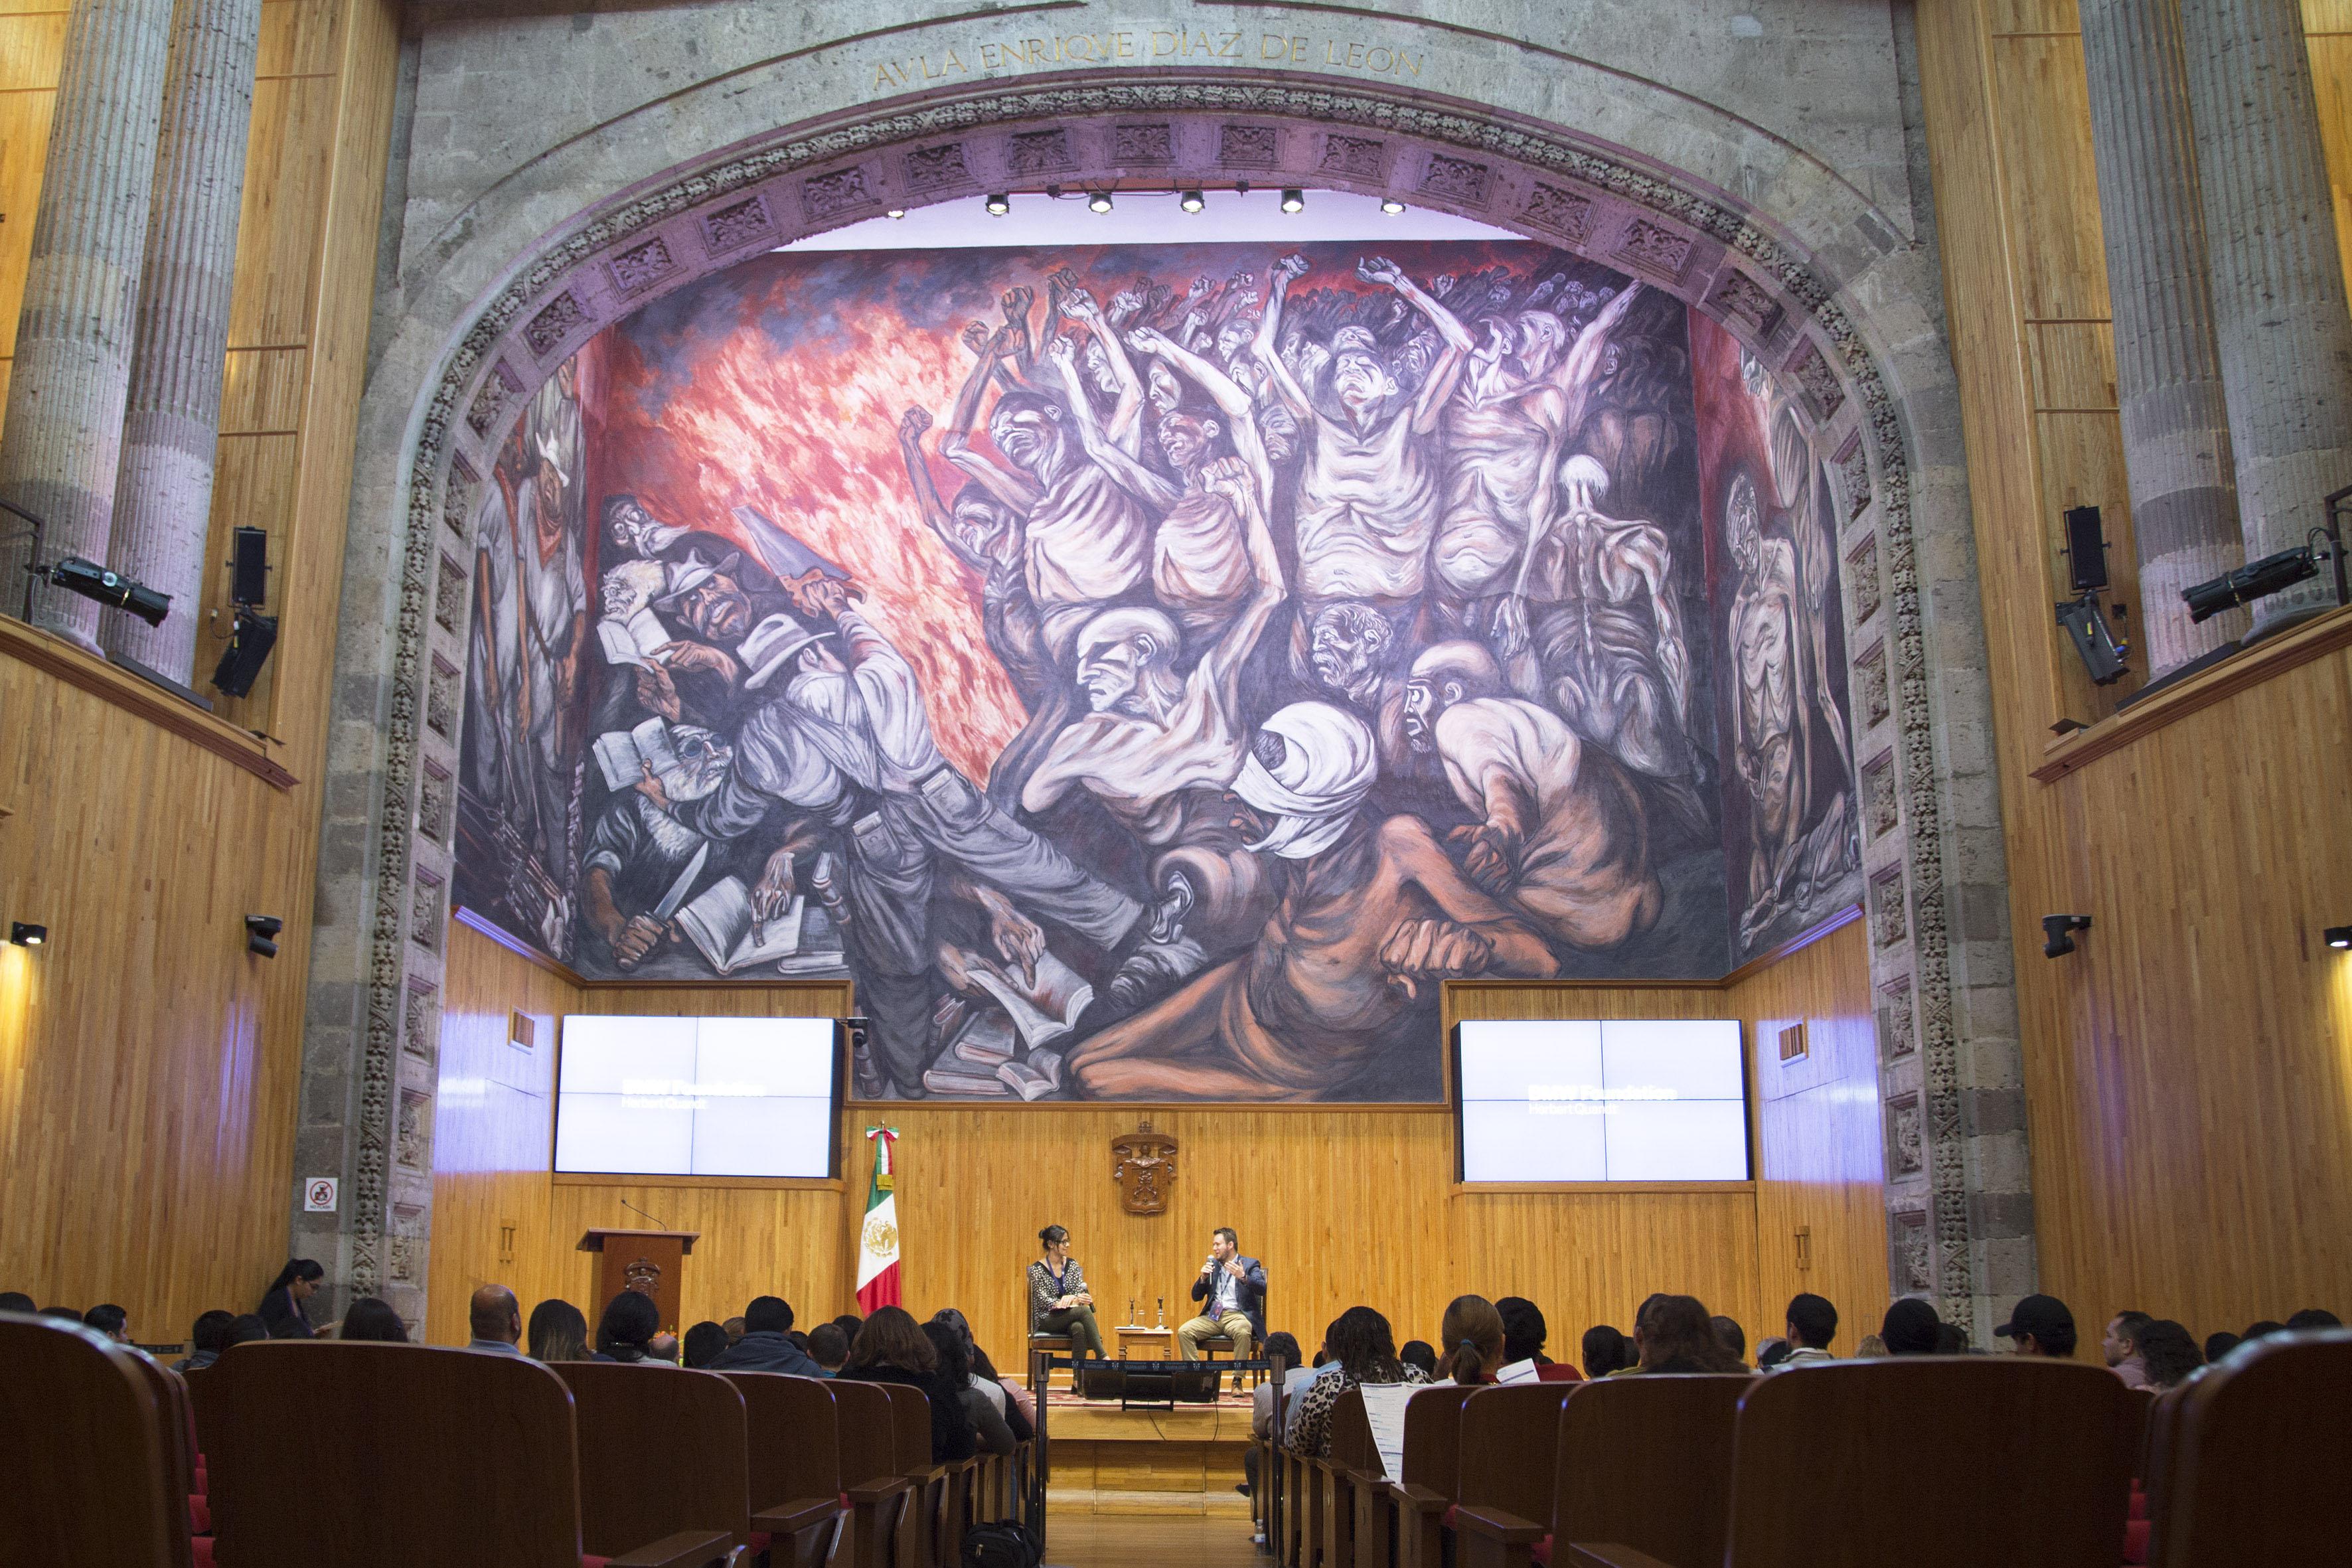 Charla de apertura del III Encuentro Latinoamericano de Innovación Social desde el Sector Público (ELIS), llevado a cabo en el Paraninfo Enrique Díaz de Léon.